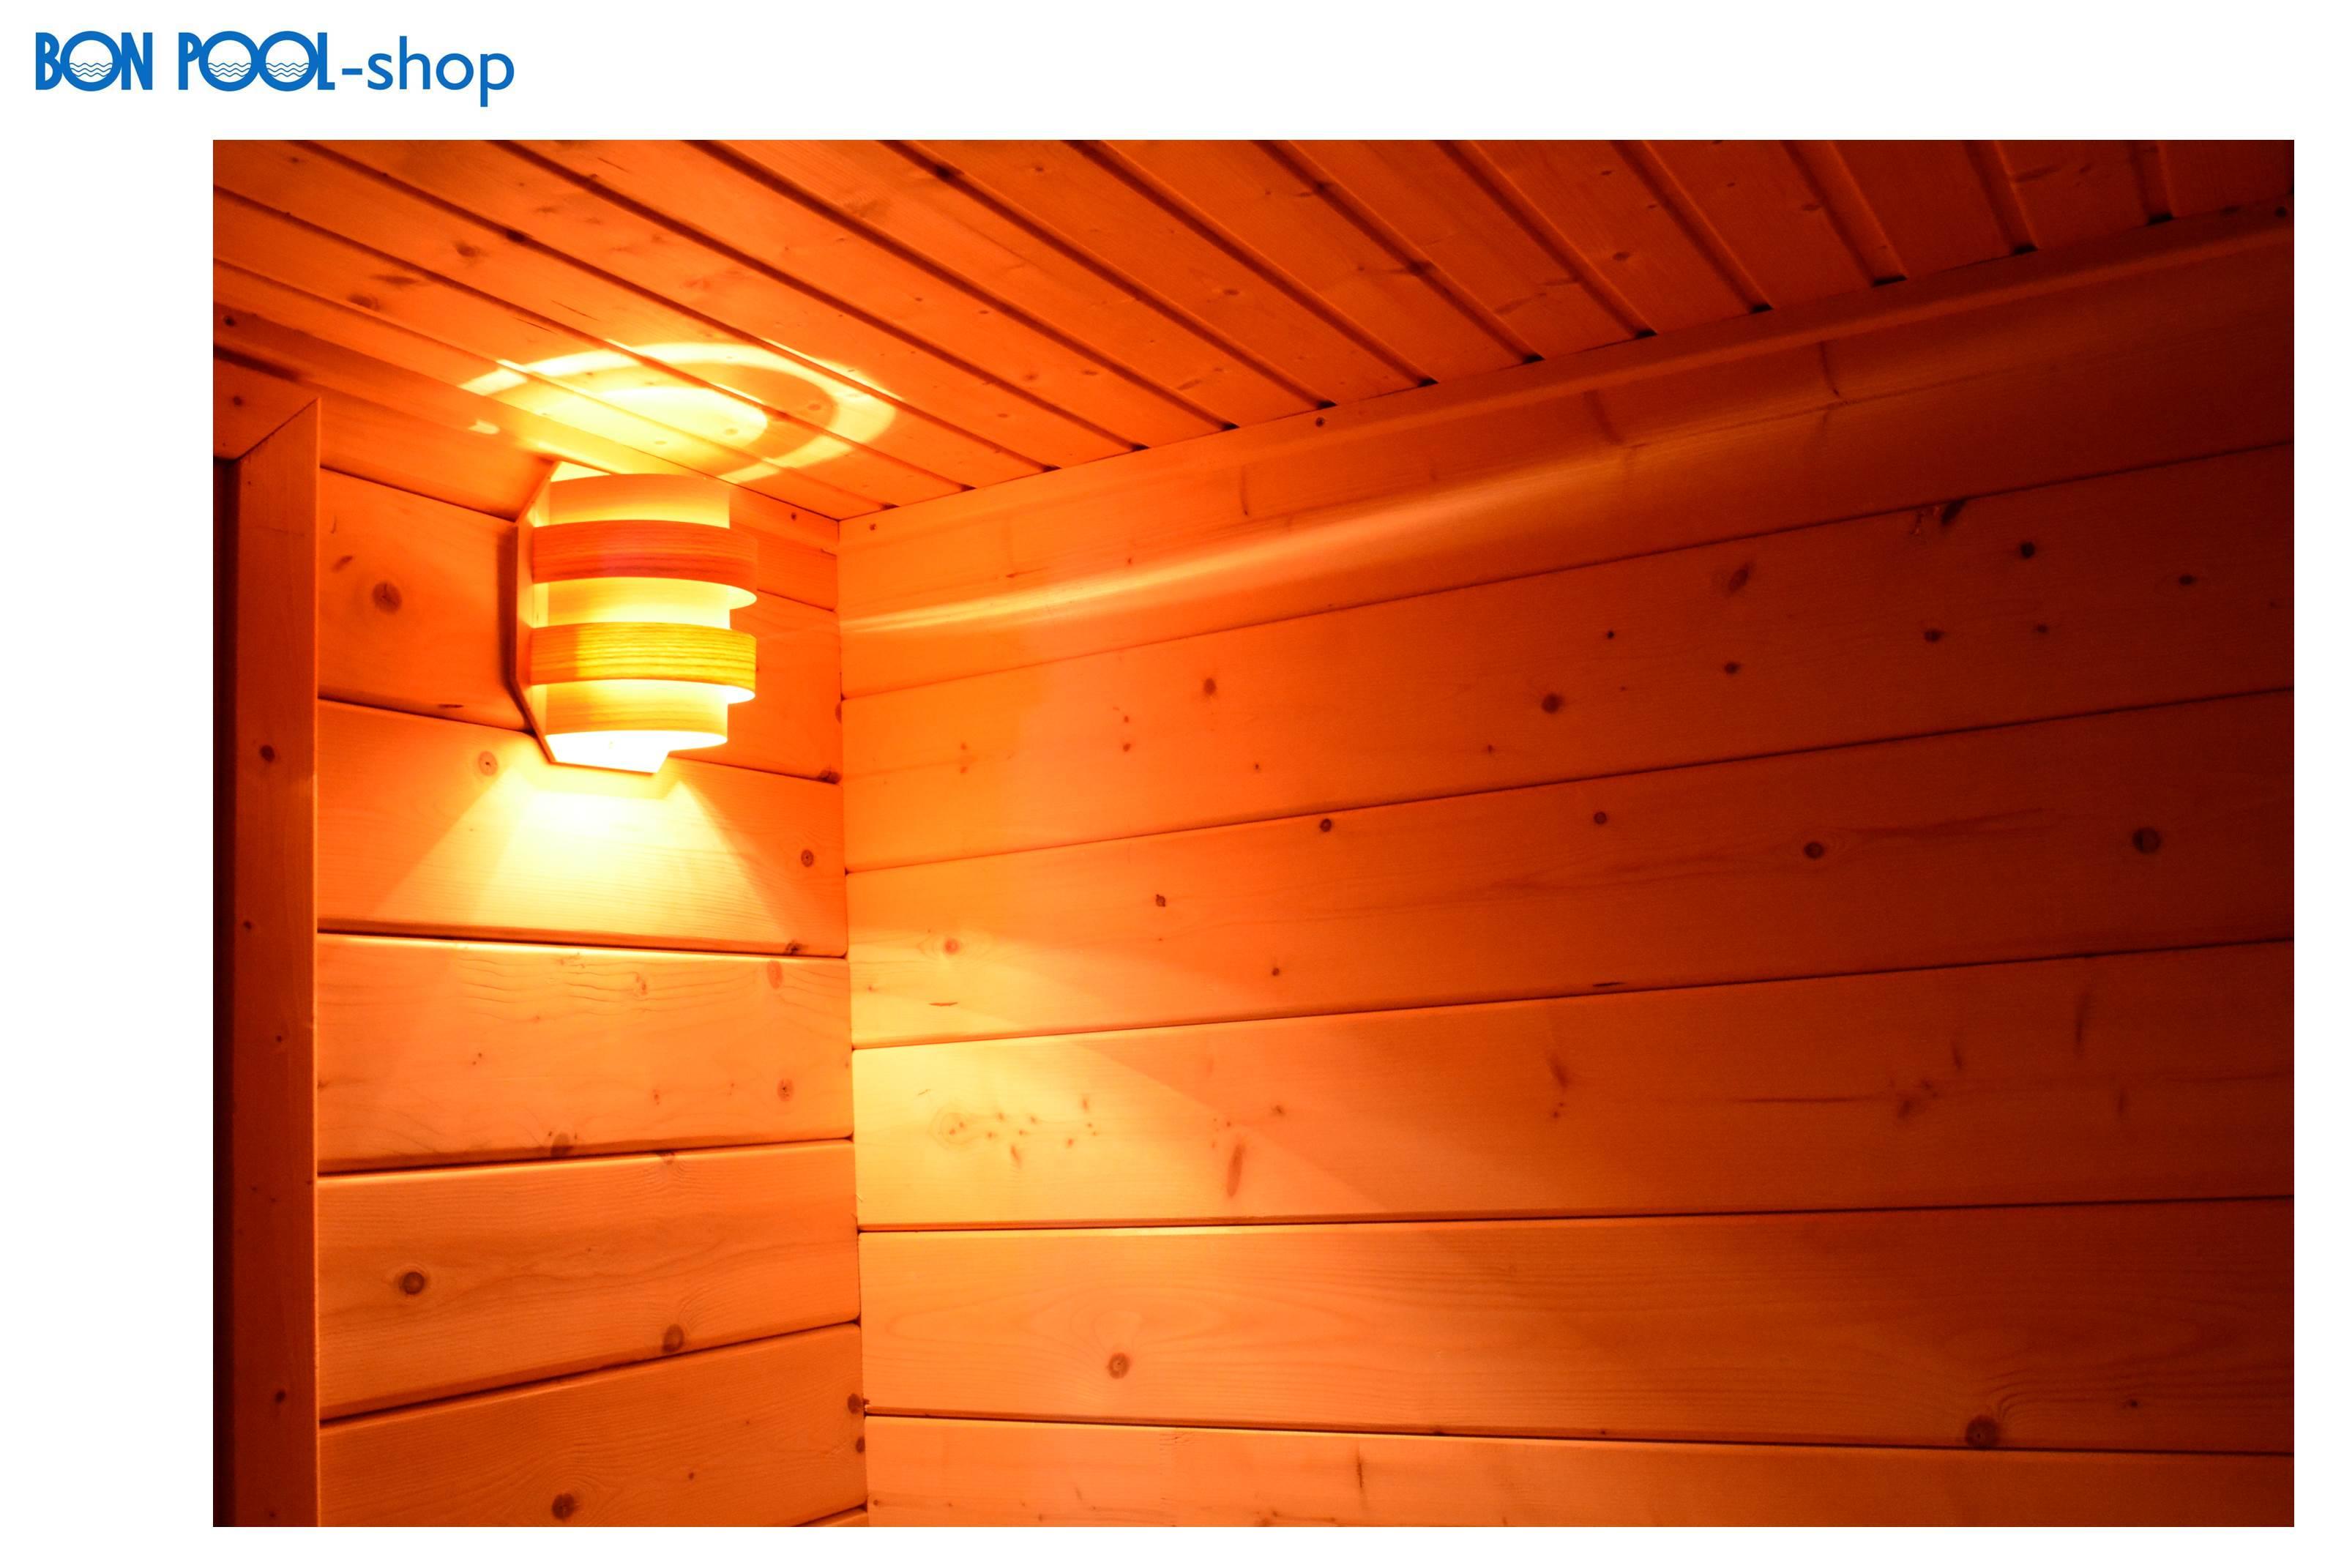 lampe f r sauna lichthaus halle ffnungszeiten. Black Bedroom Furniture Sets. Home Design Ideas